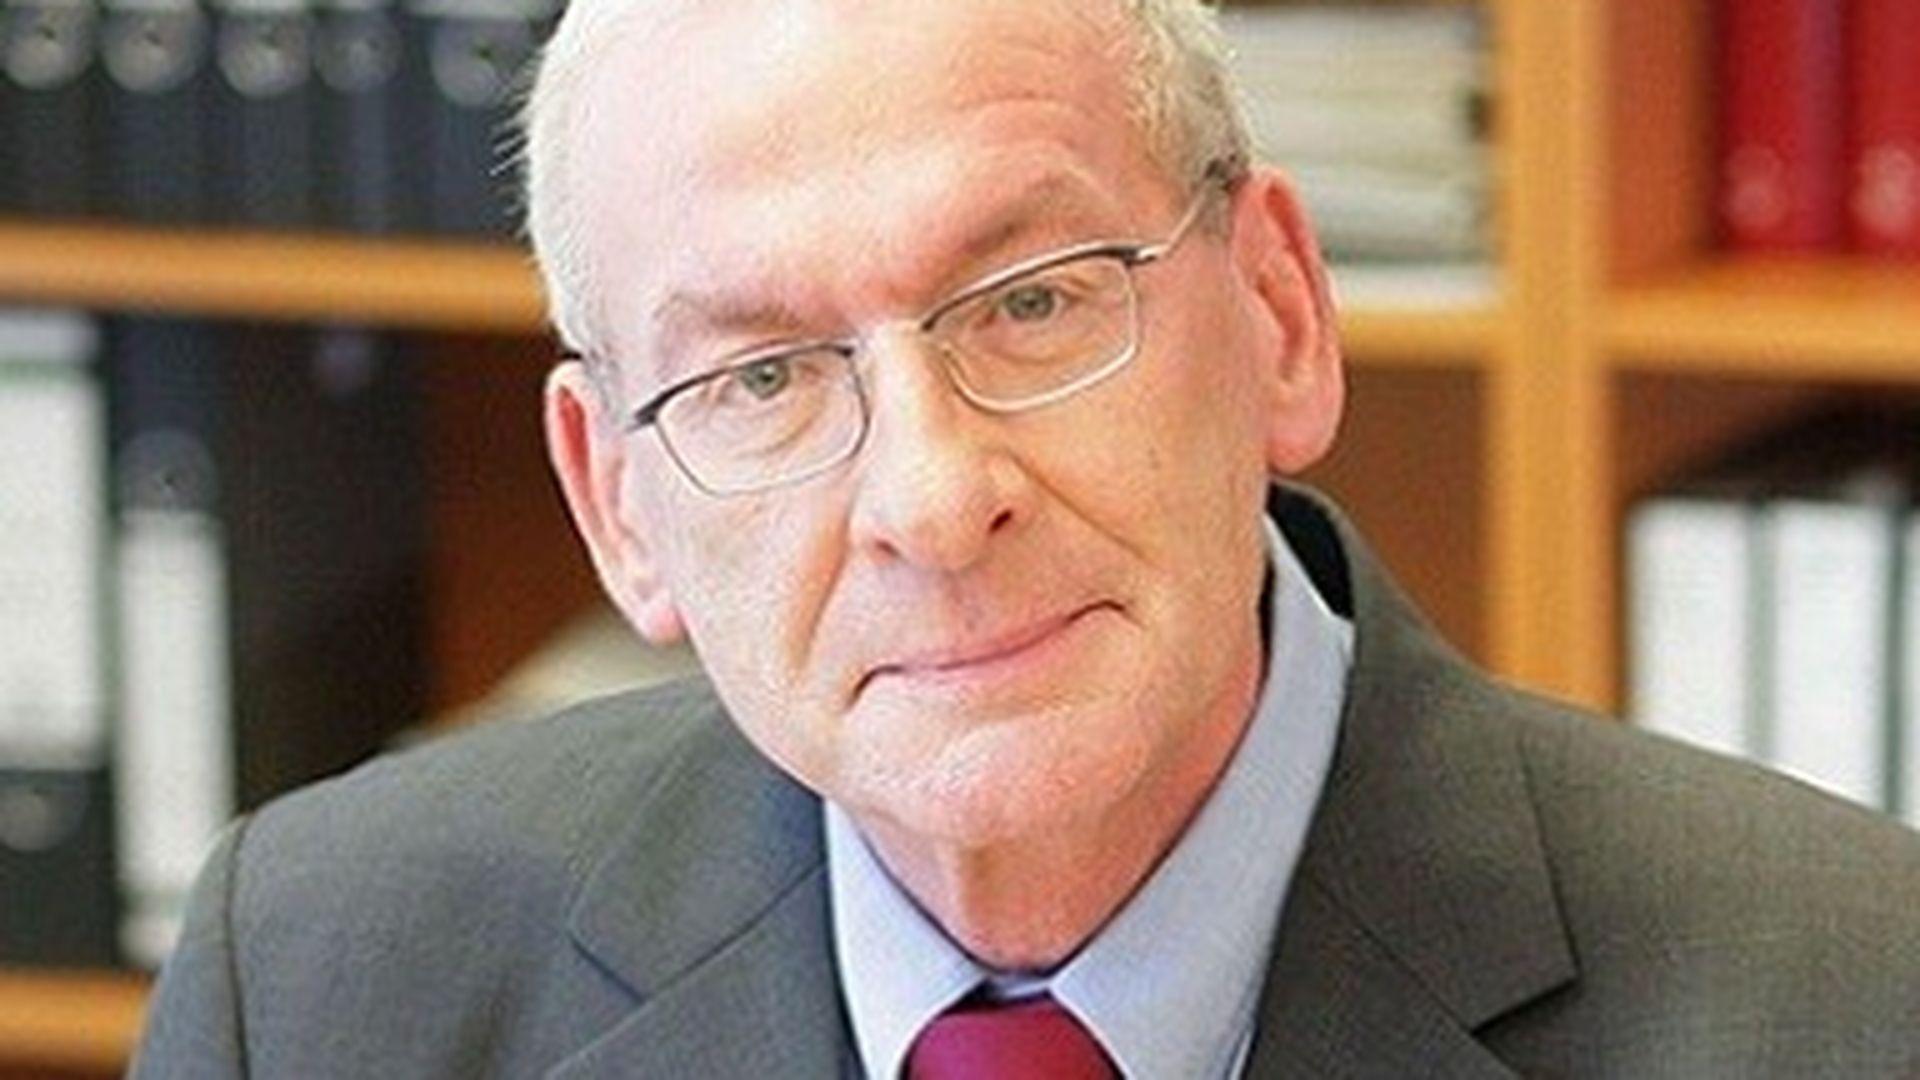 Peter Zwegert